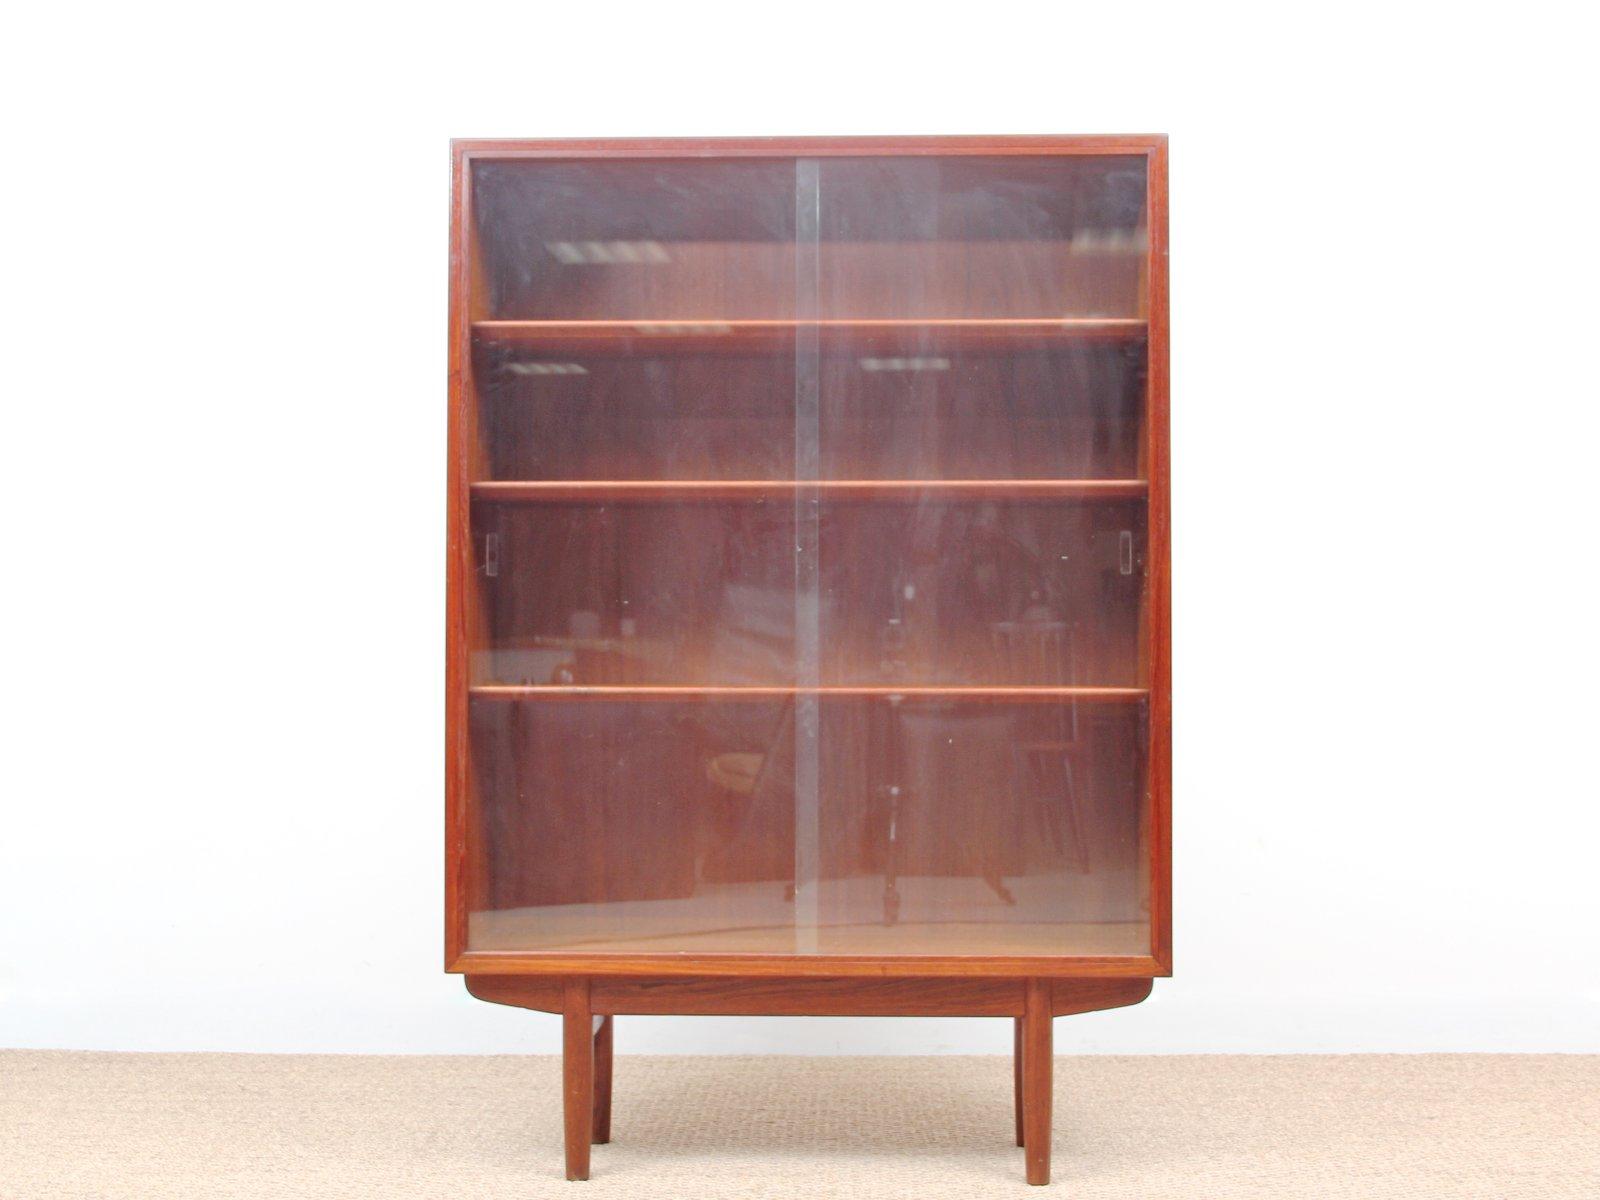 Mid Century Danish Teak Display Cabinet By Borge Mogensen For Søborg